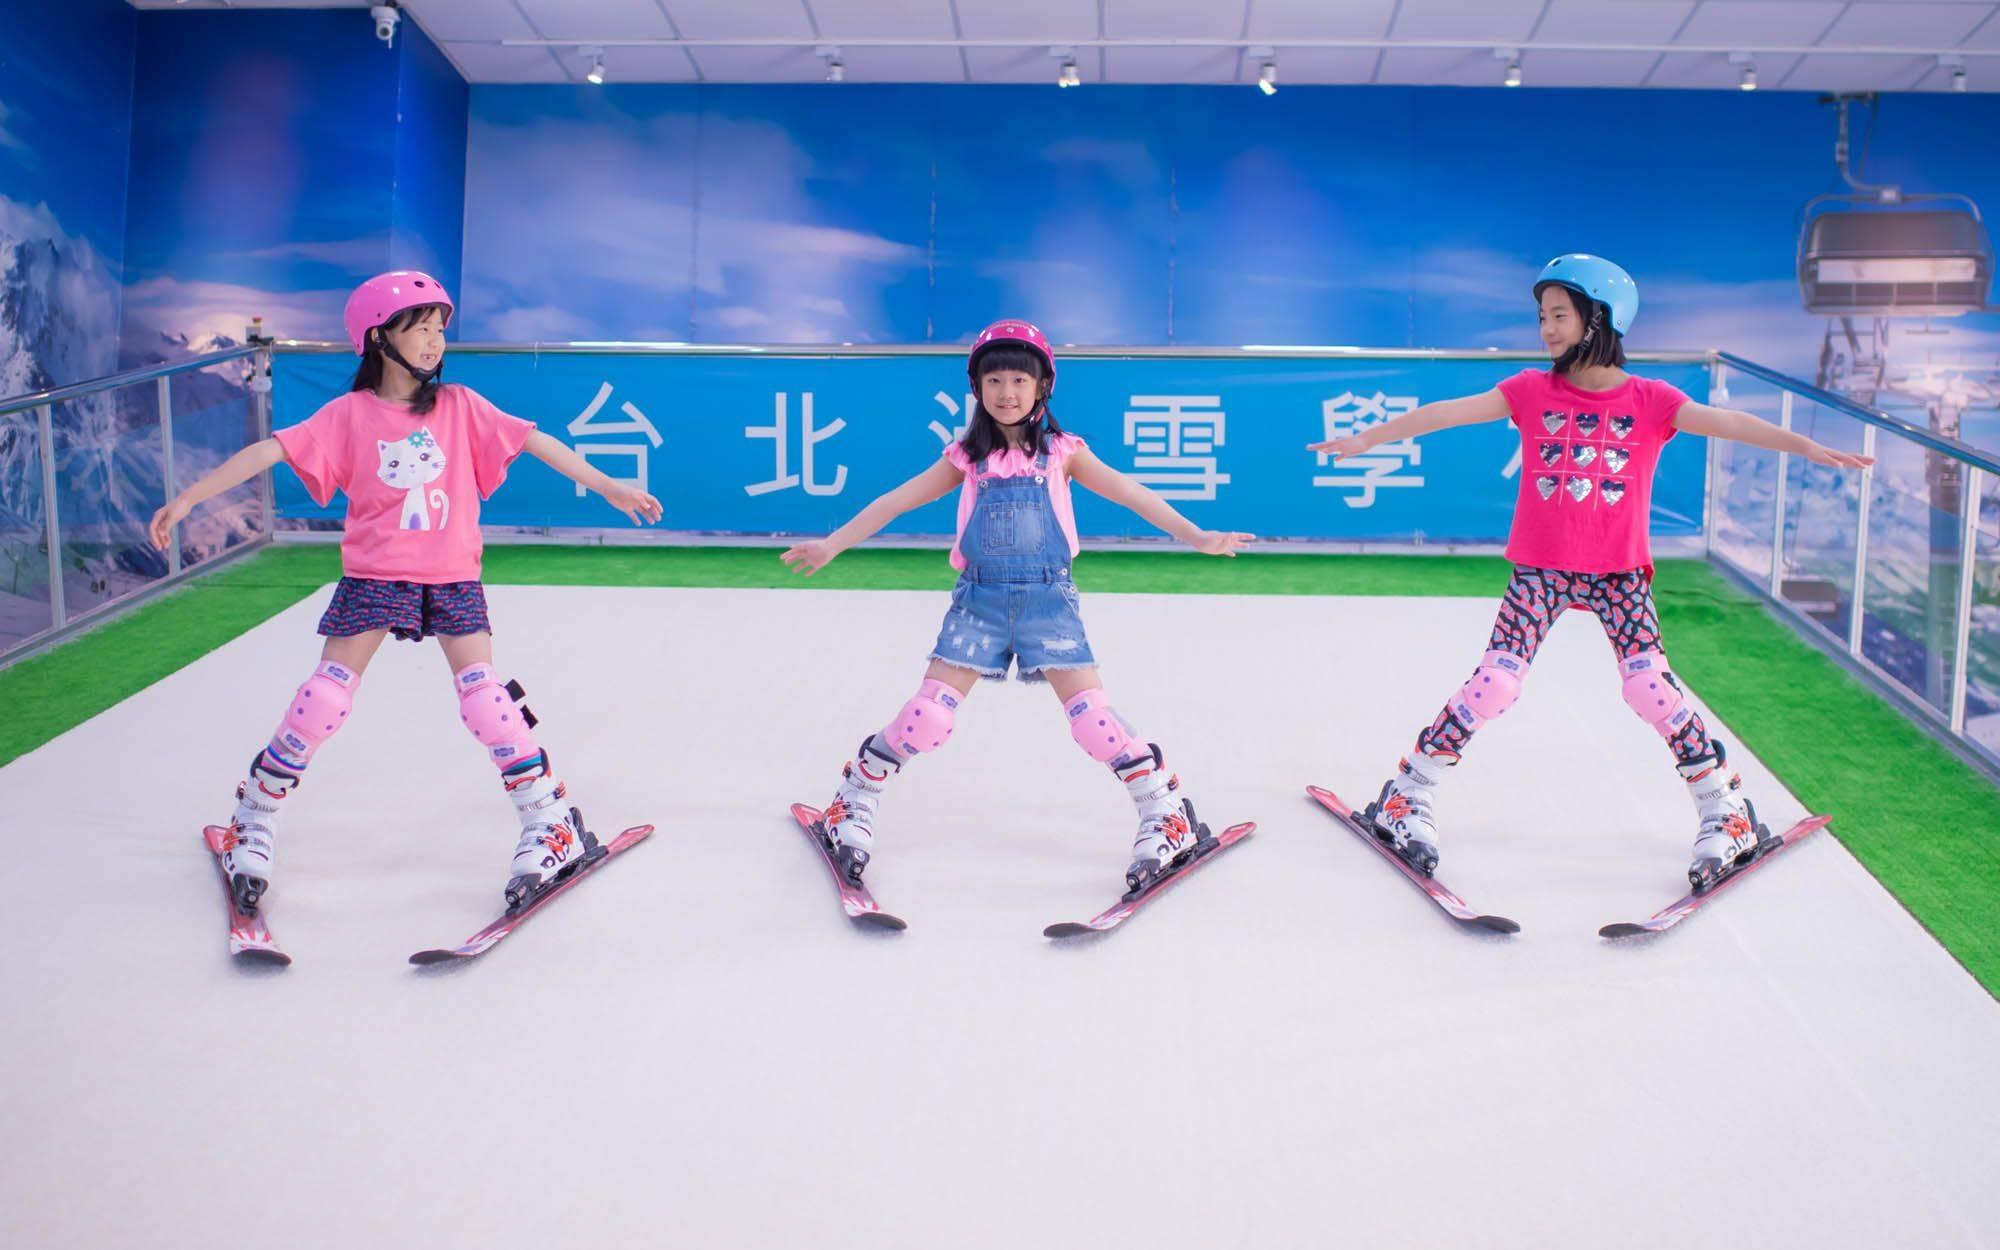 SKI滑雪輕鬆學